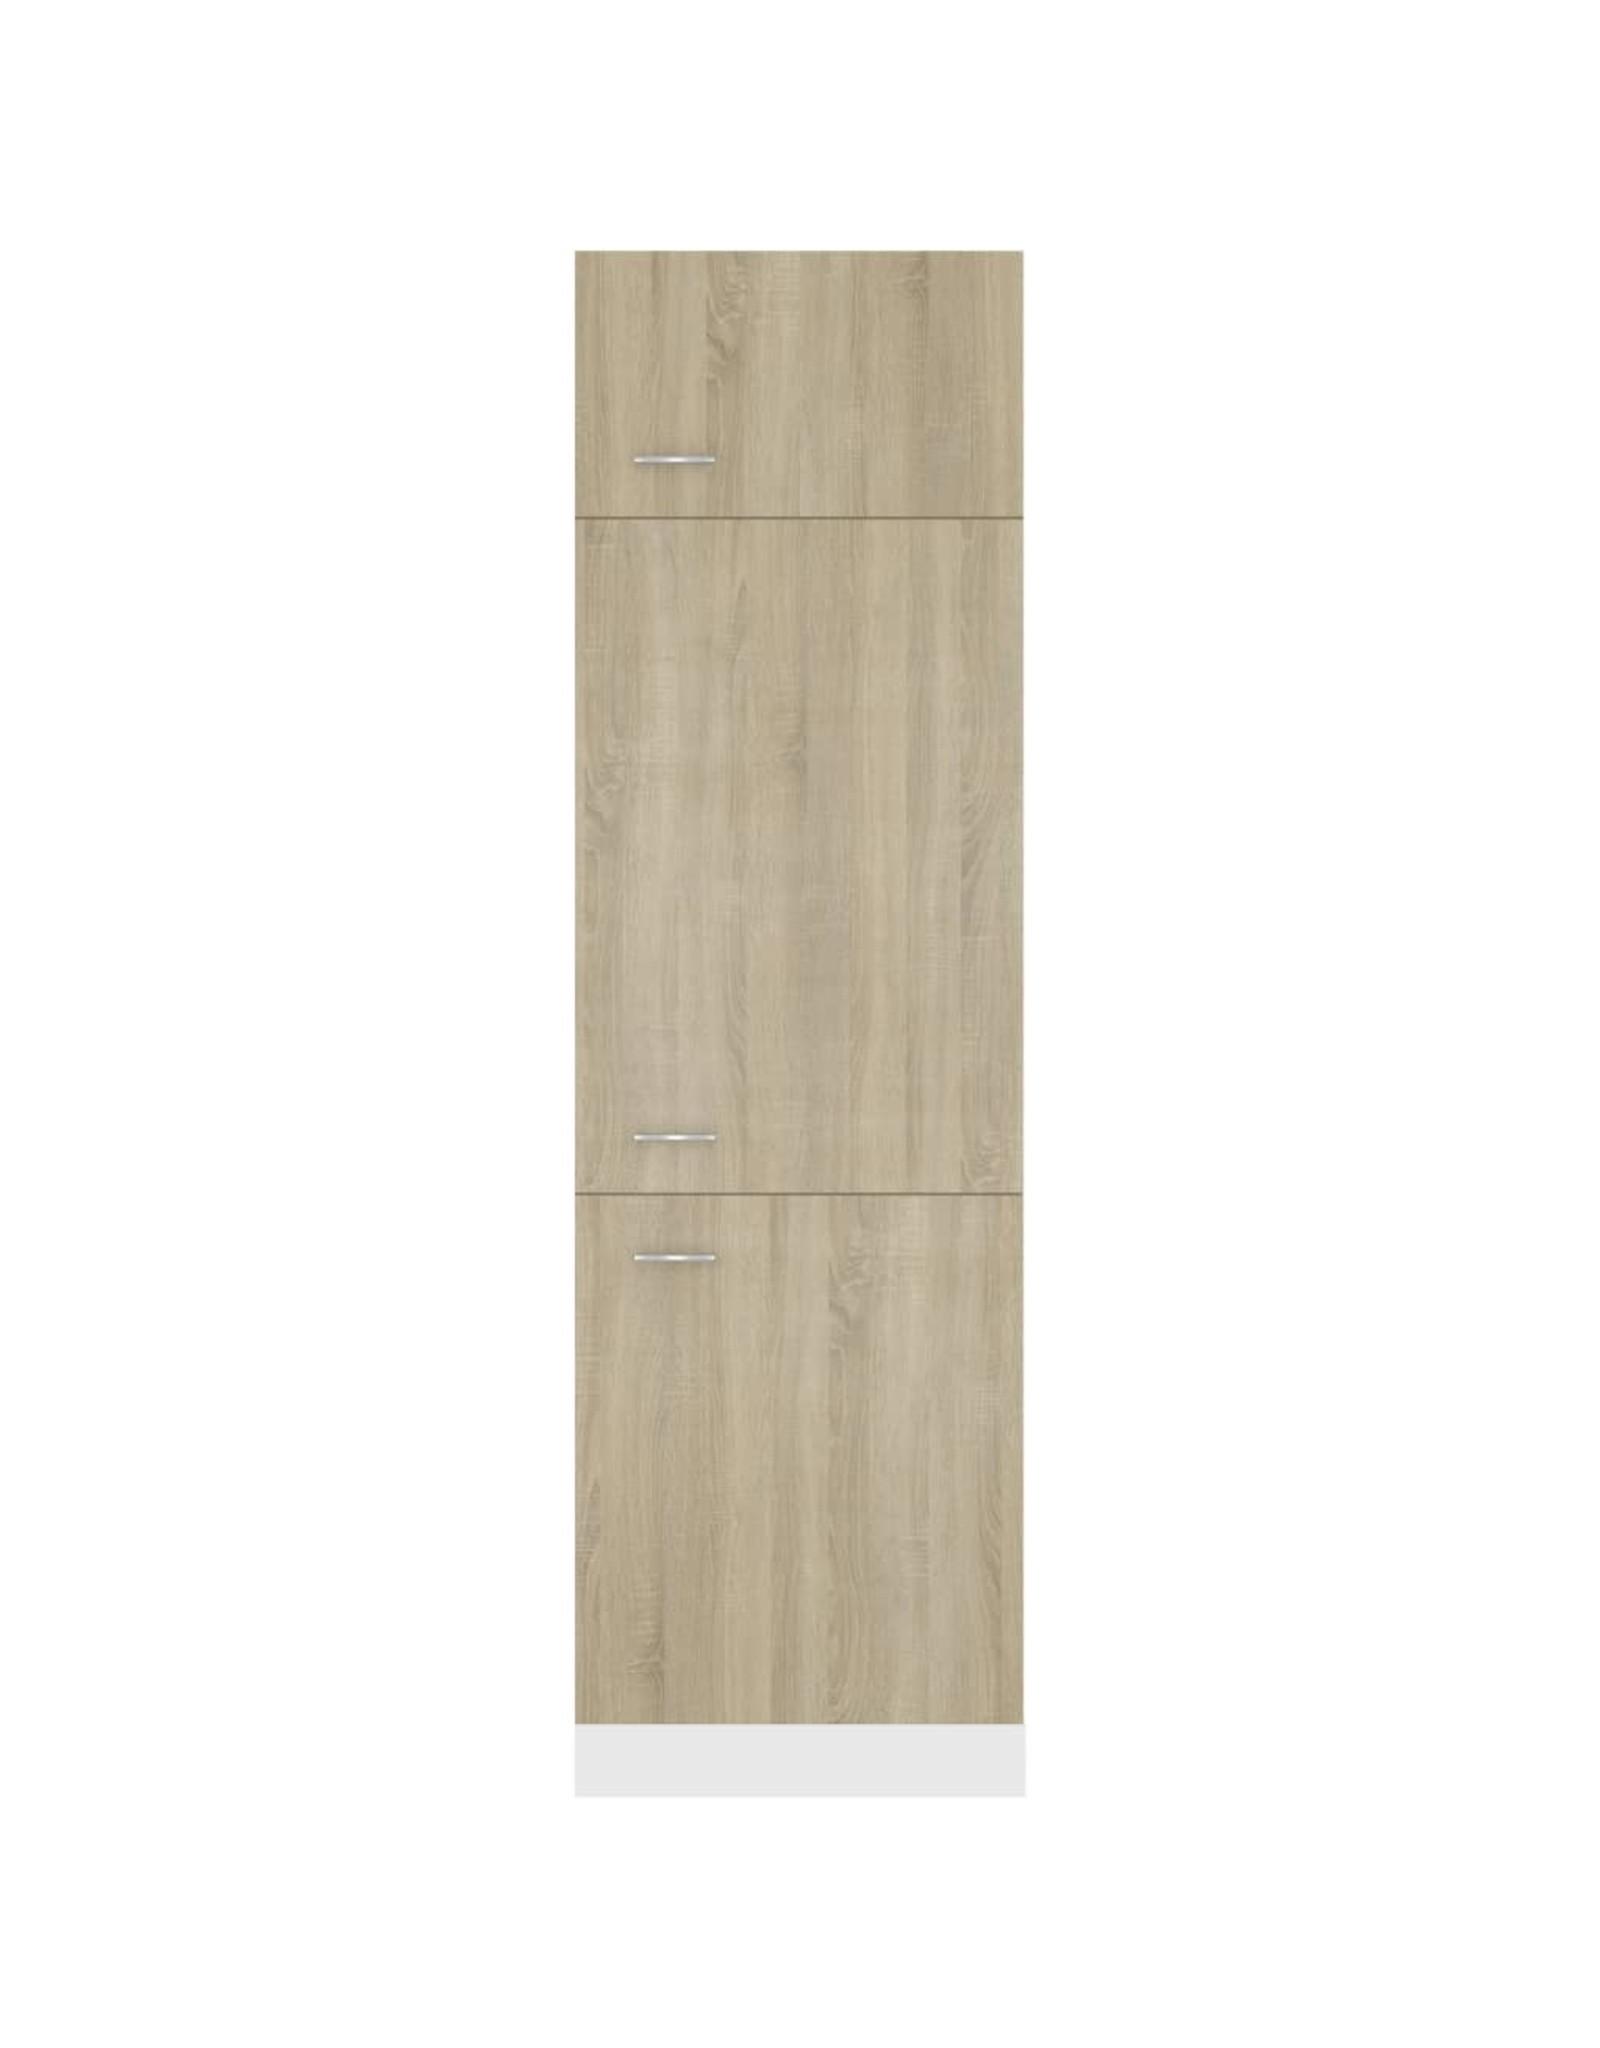 Koelkastkast 60x57x207 cm spaanplaat sonoma eikenkleurig